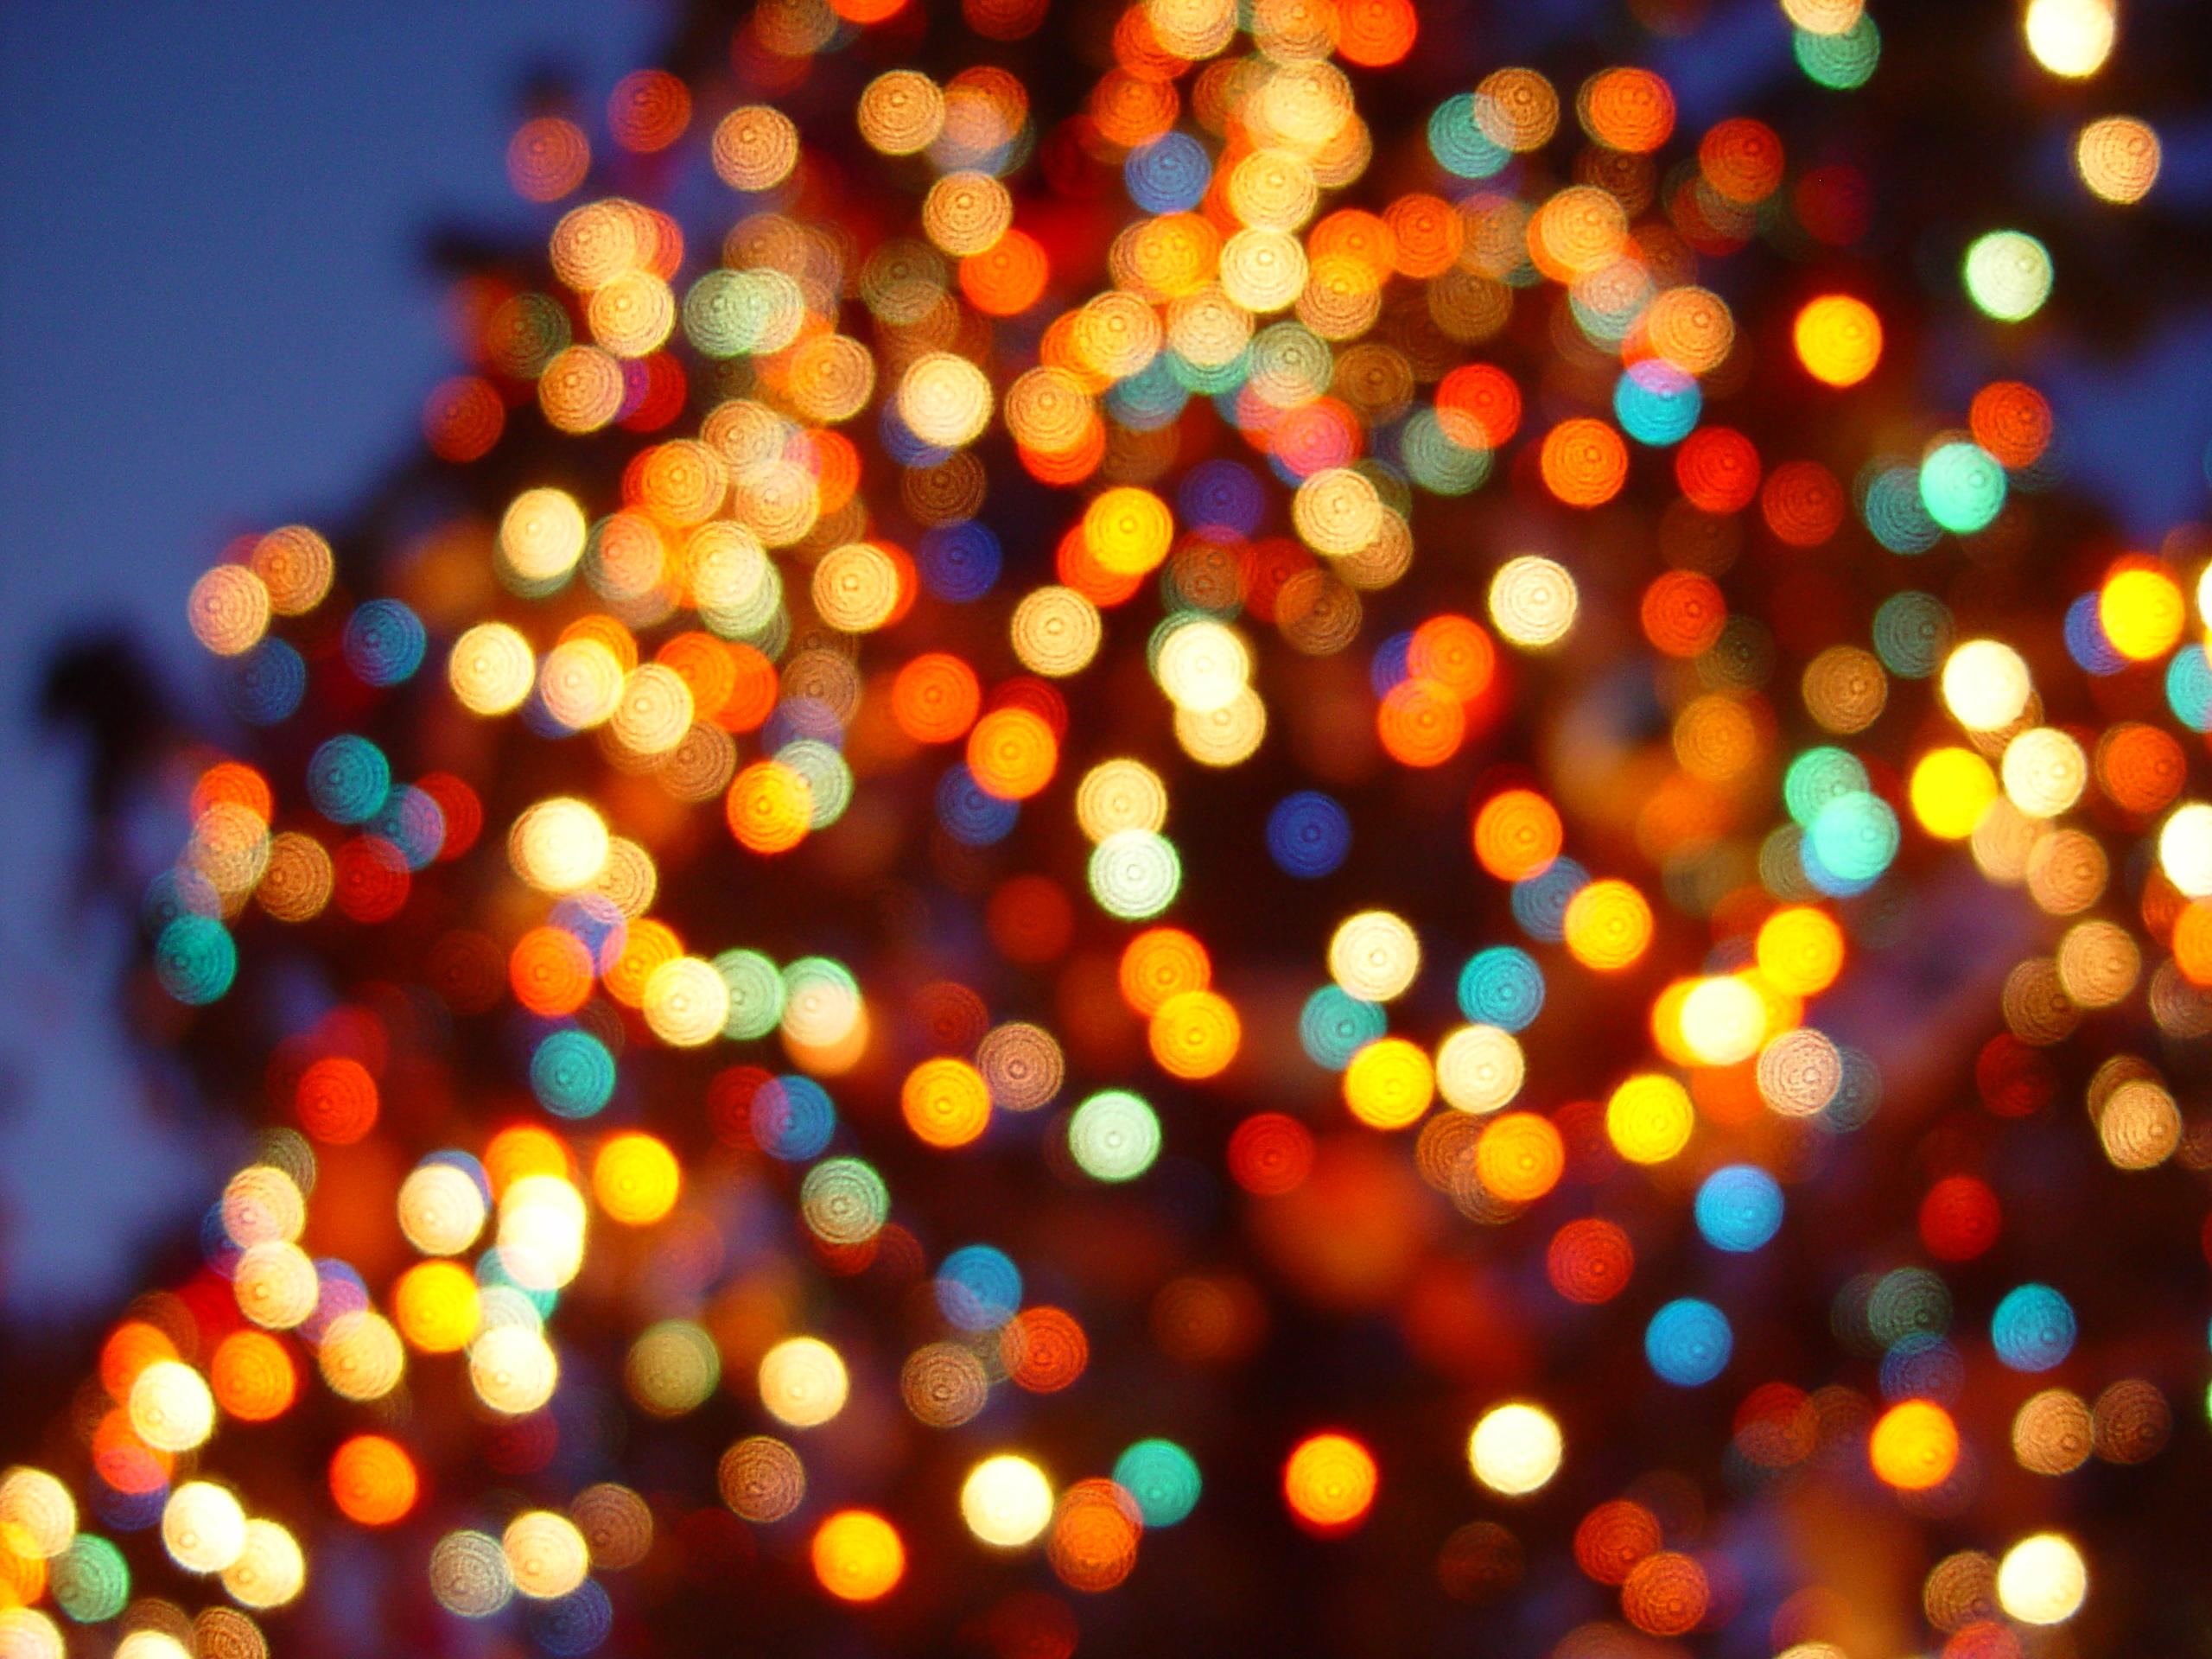 La Luz de Navidad